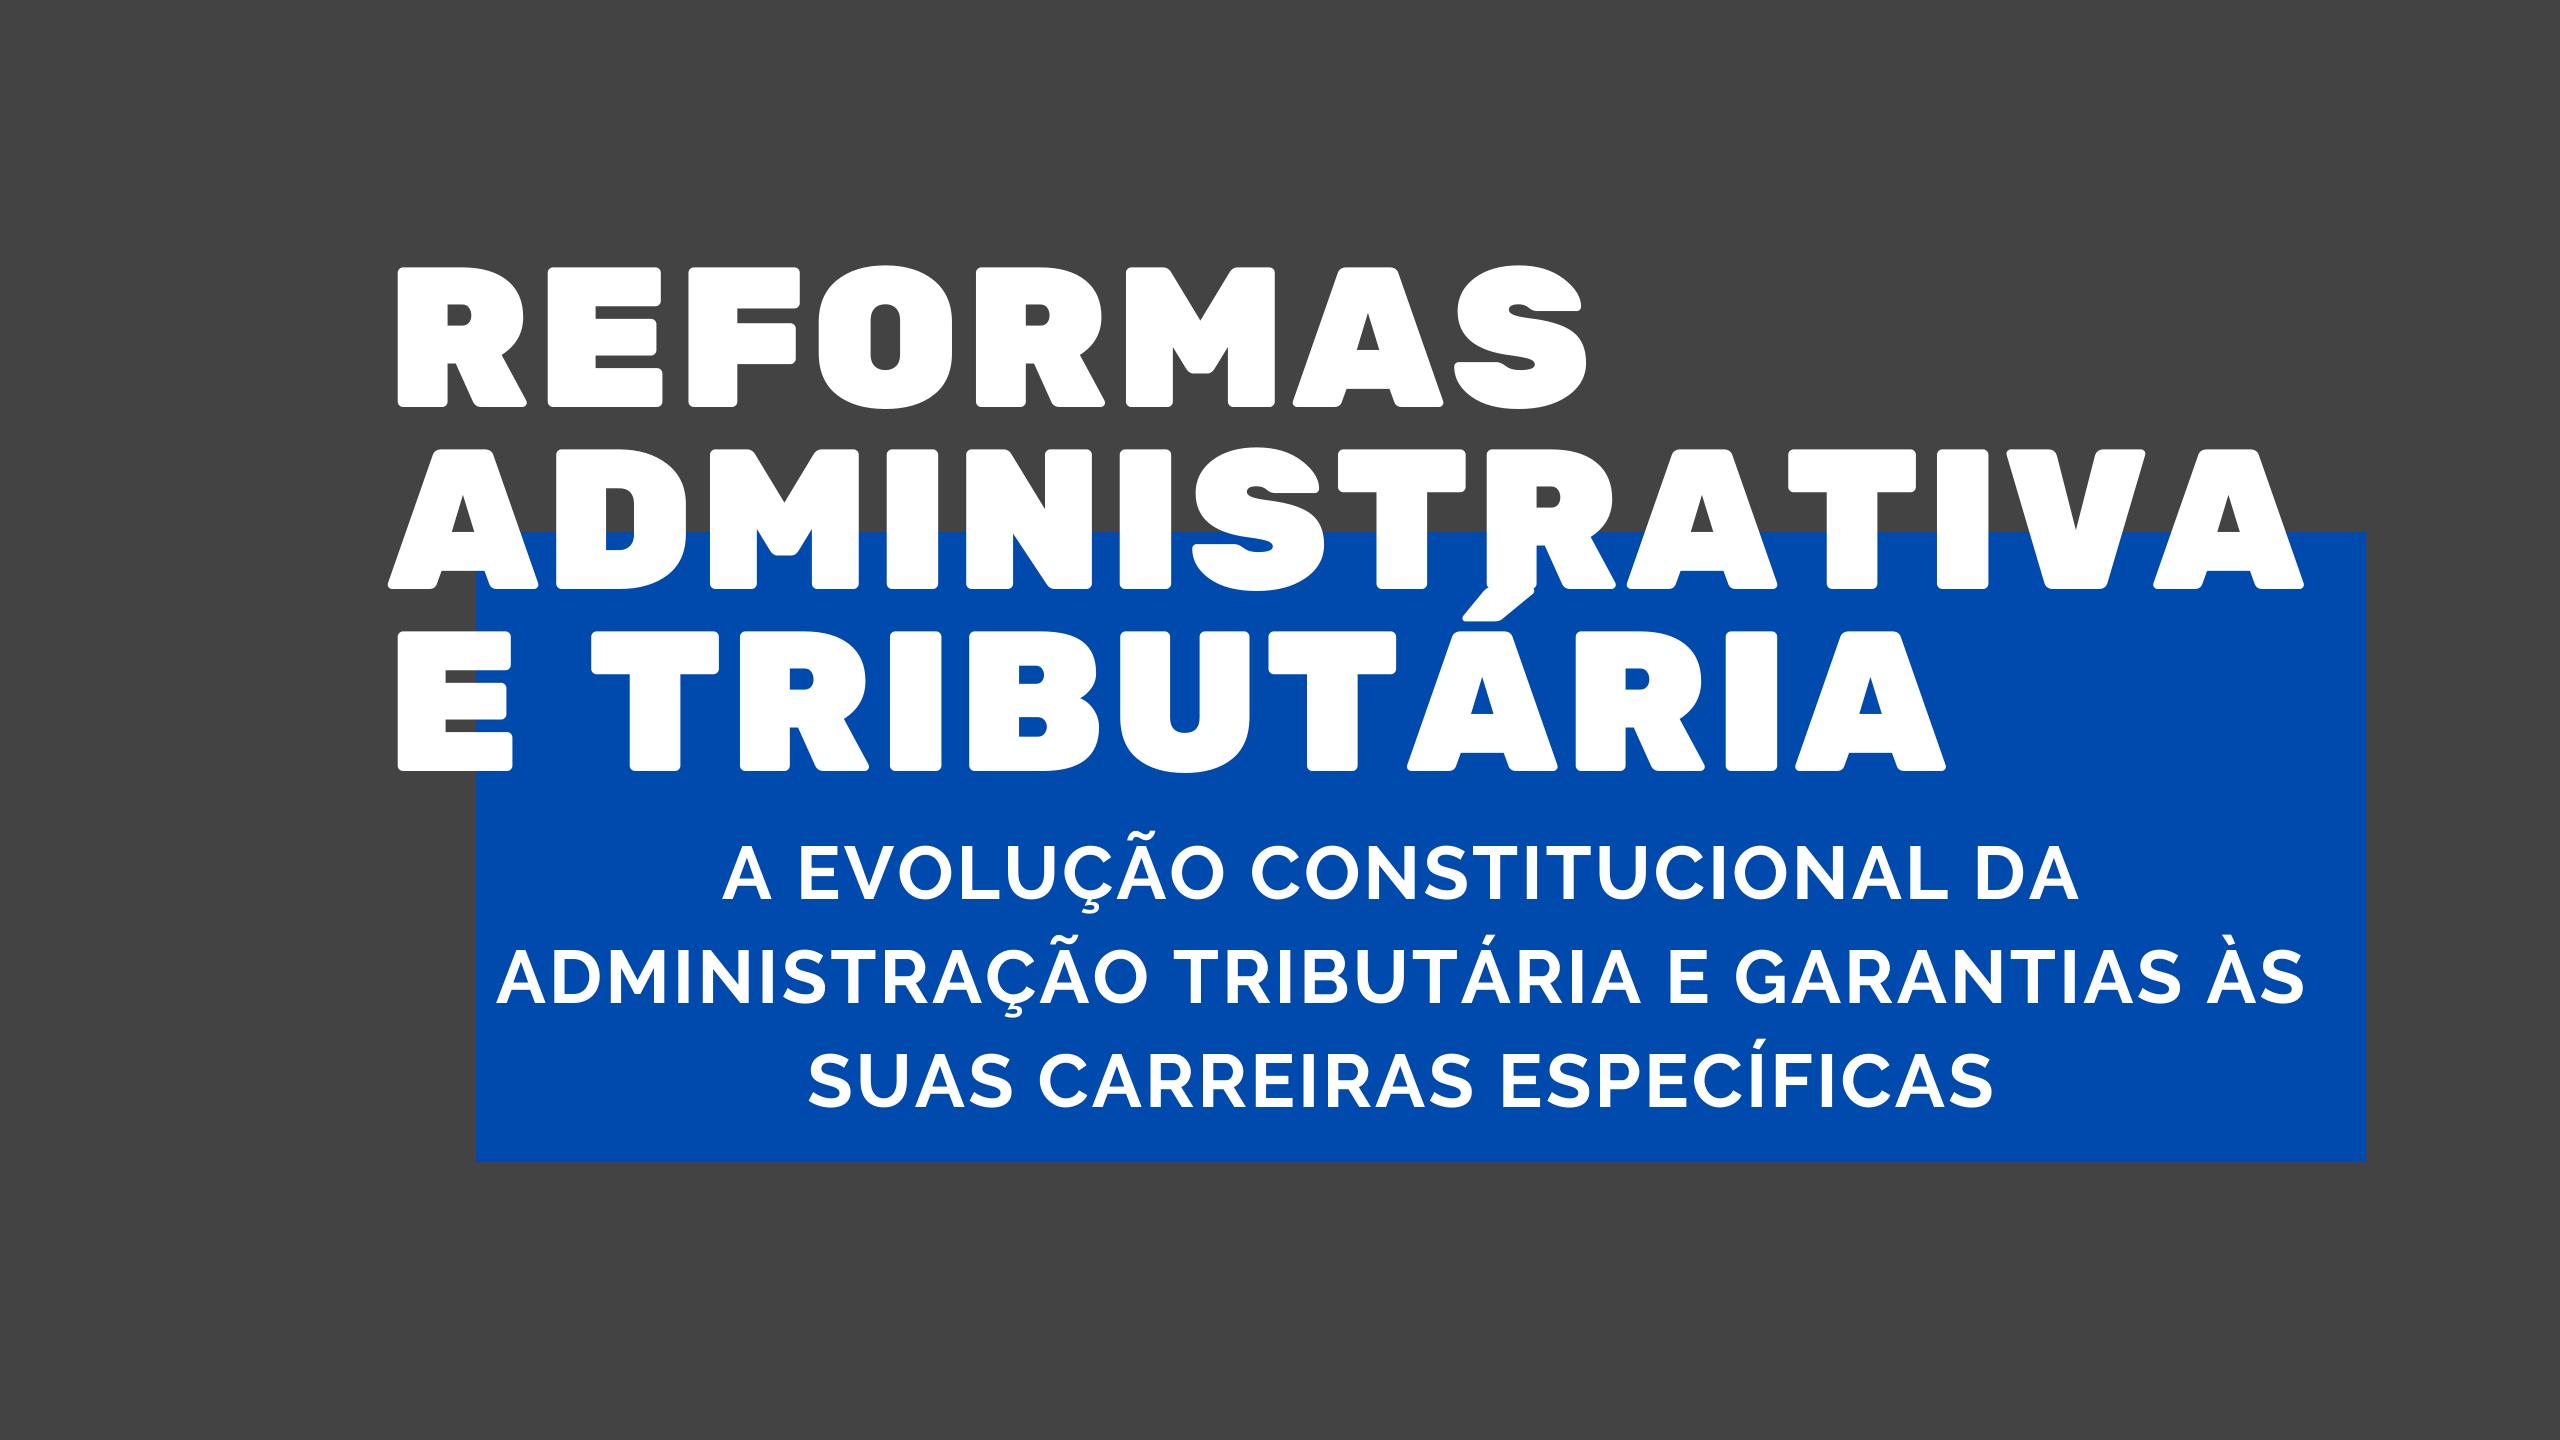 Reformas Administrativa e Tributária